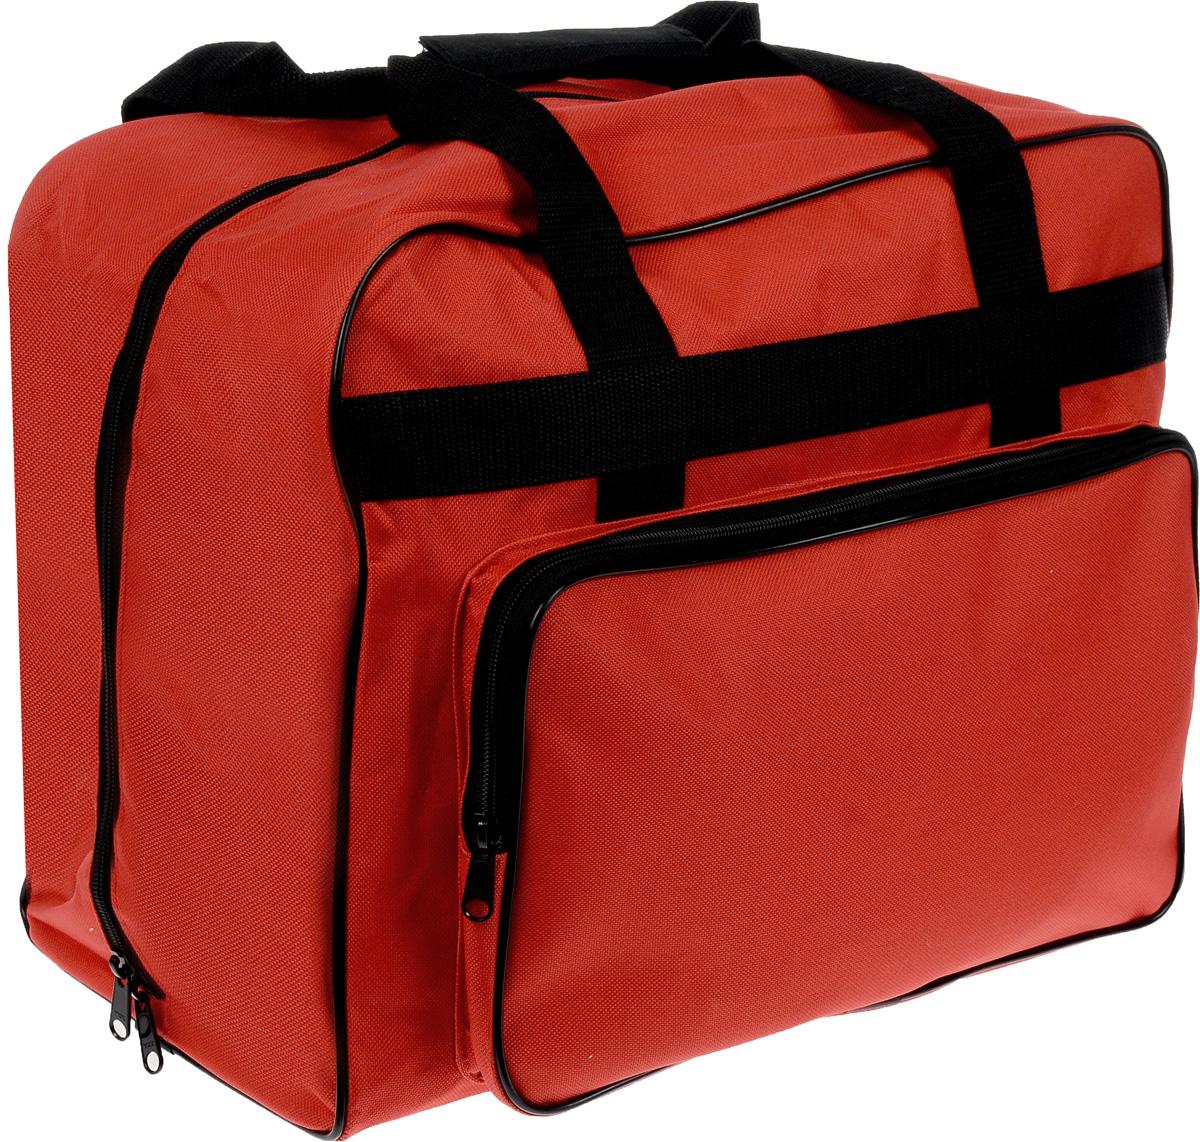 Сумка для швейной машины Aurora, 43 х 21 х 33 смMS-074FСовременная сумка Aurora, выполненная из прочного и влагостойкого текстиля, предназначена для хранения швейной машины. Усиленные швы, молния и широкие ручки из стропы выполнены в контрастном цвете. Сумка дополнена боковым карманом, в котором вы можете переносить фурнитуру и прочие швейные мелочи.